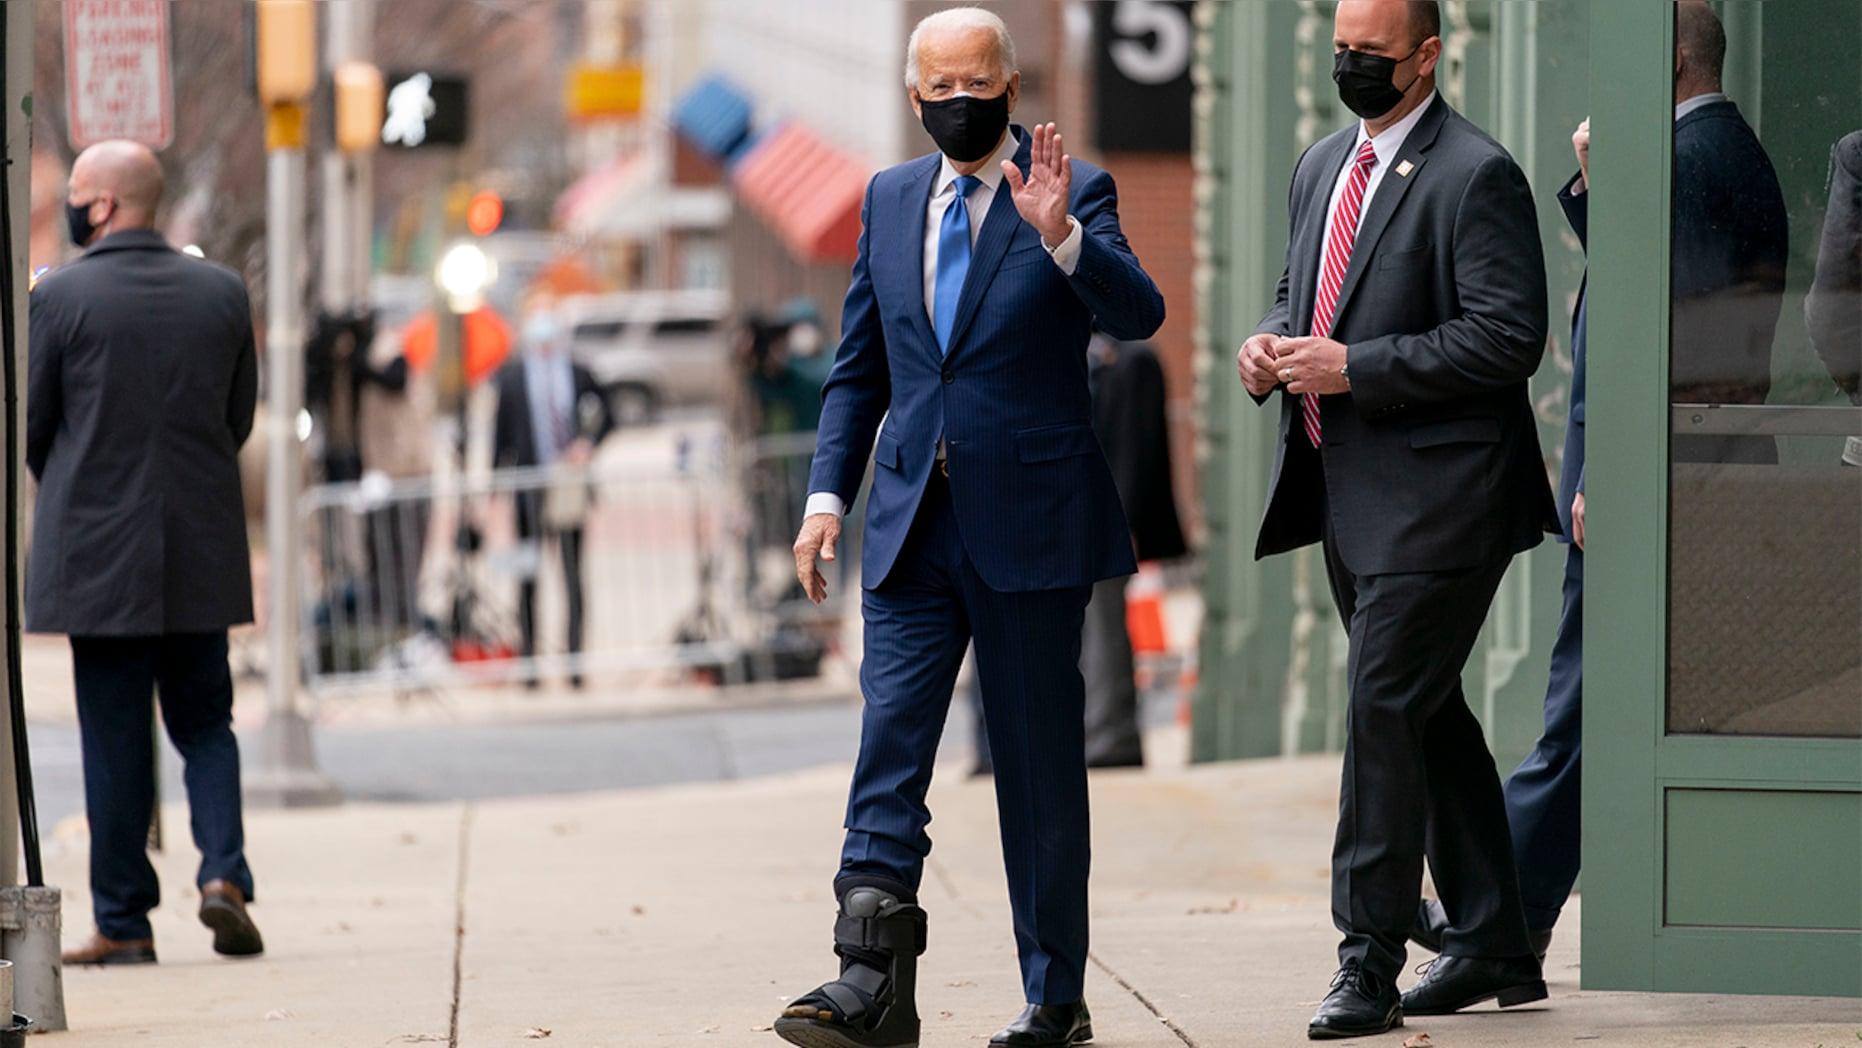 Ông Joe Biden lần đầu xuất hiện với giày tập đi sau chấn thương  - Ảnh 1